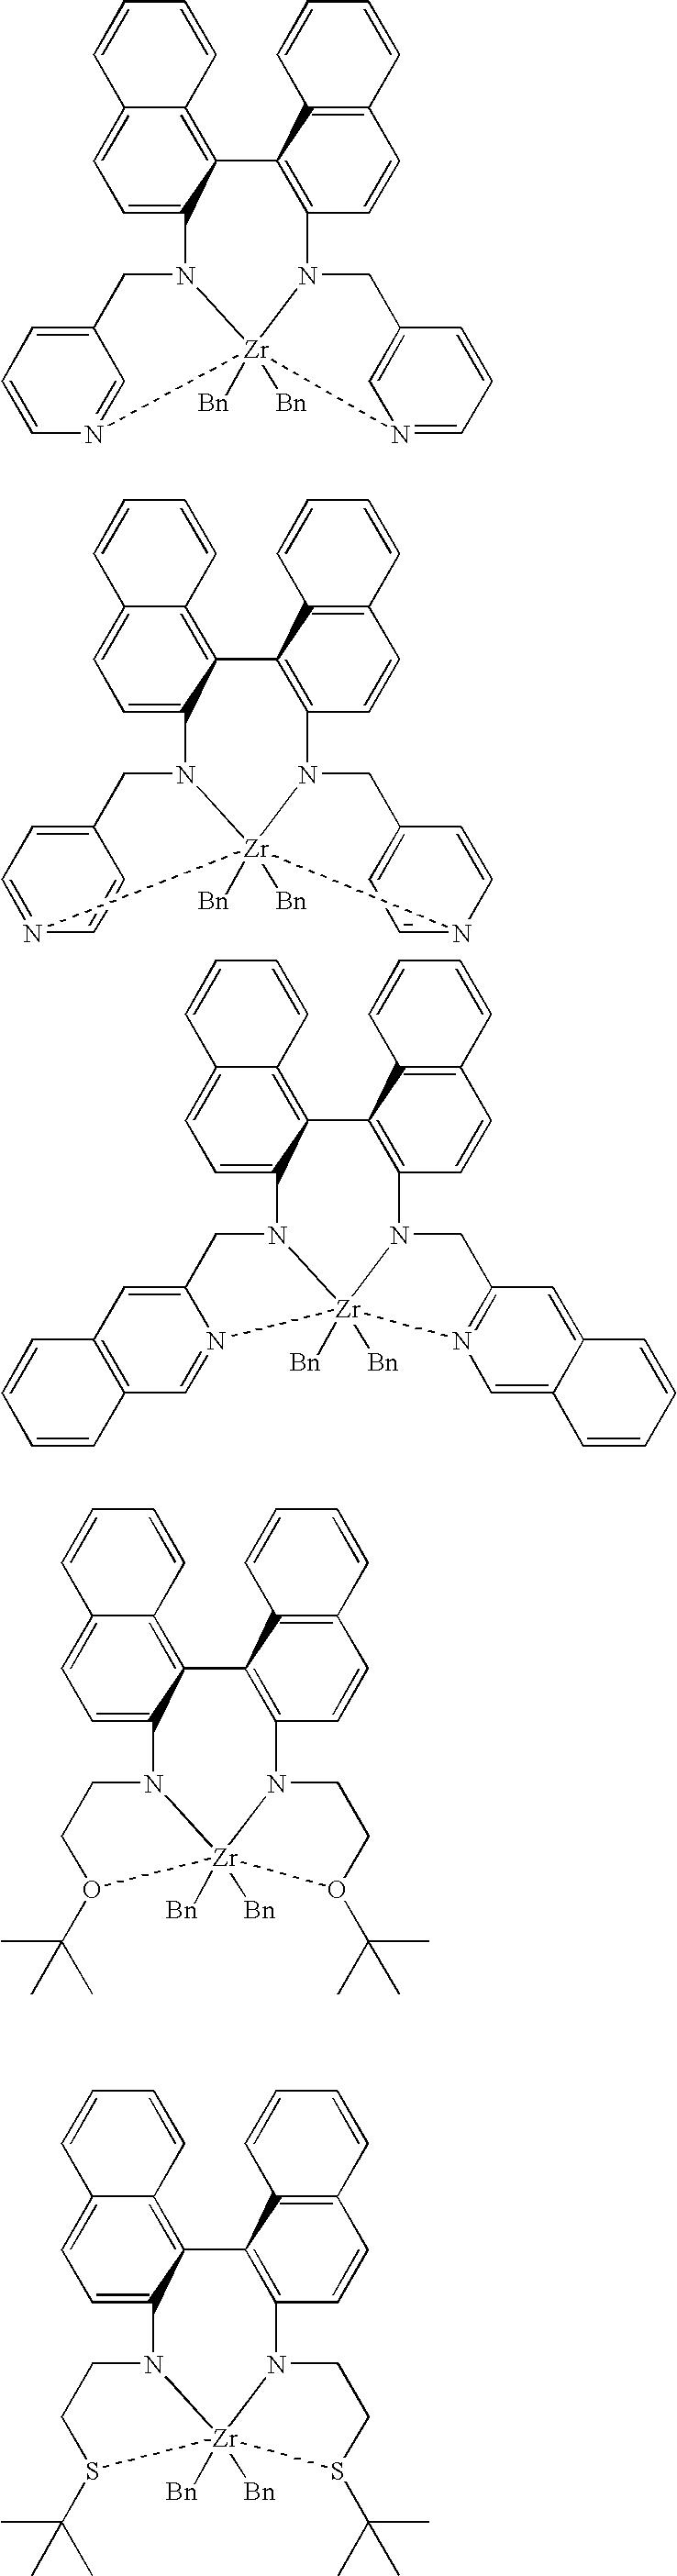 Figure US20060135352A1-20060622-C00020